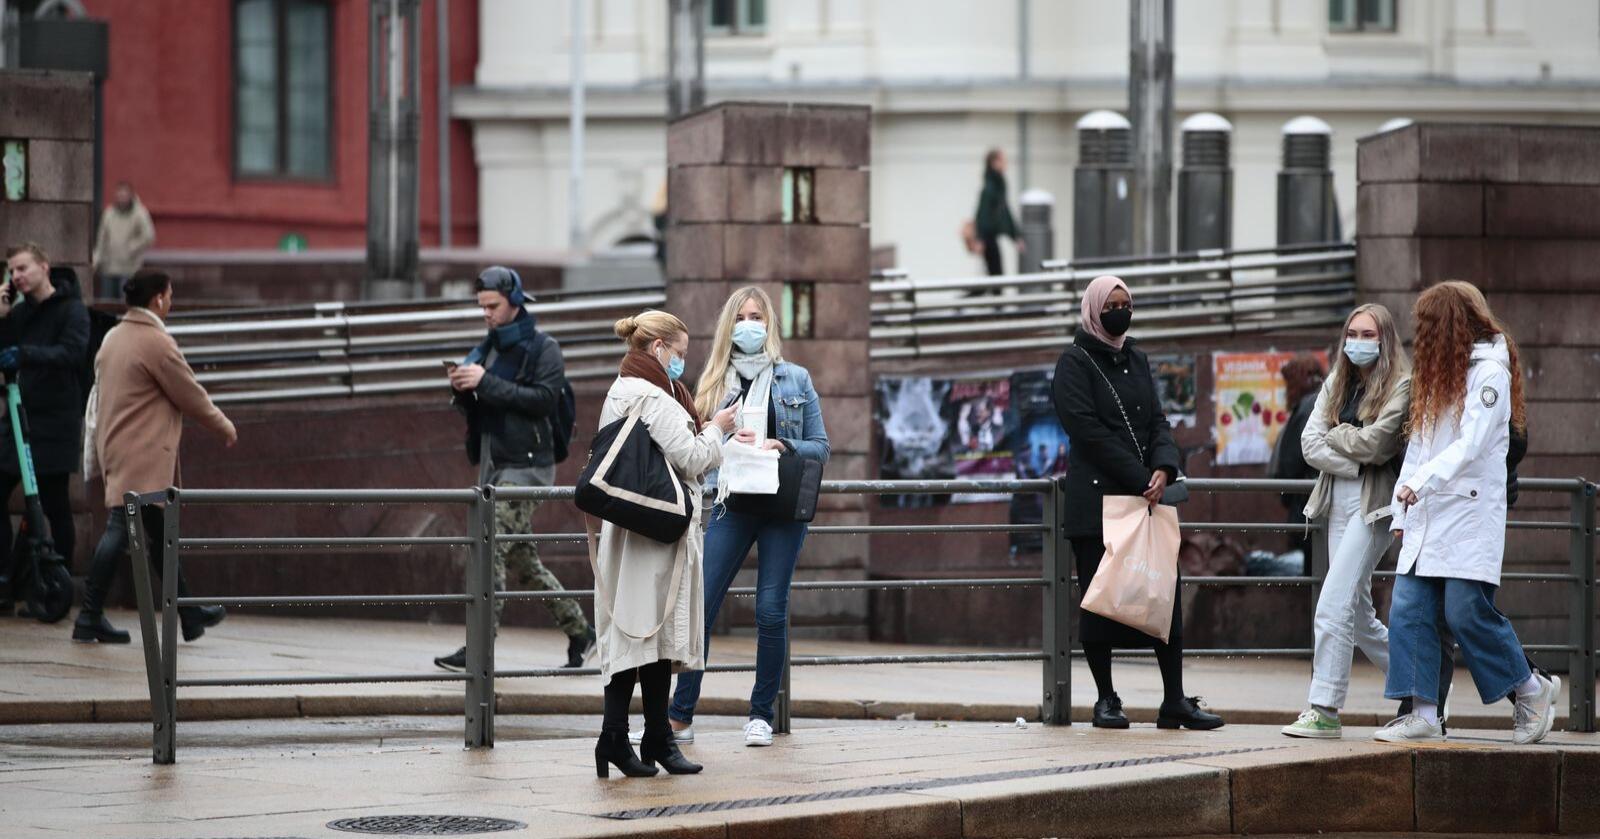 I Oslo er det innført eigne lokale reglar om munnbind på kollektivtrafikk og andre offentlege stadar der det ikkje er mogleg å halde meteren. Regjeringa tilrår kommuner med høgt smittetrykk om å innføre det samme påbodet. Foto: Jil Yngland / NTB